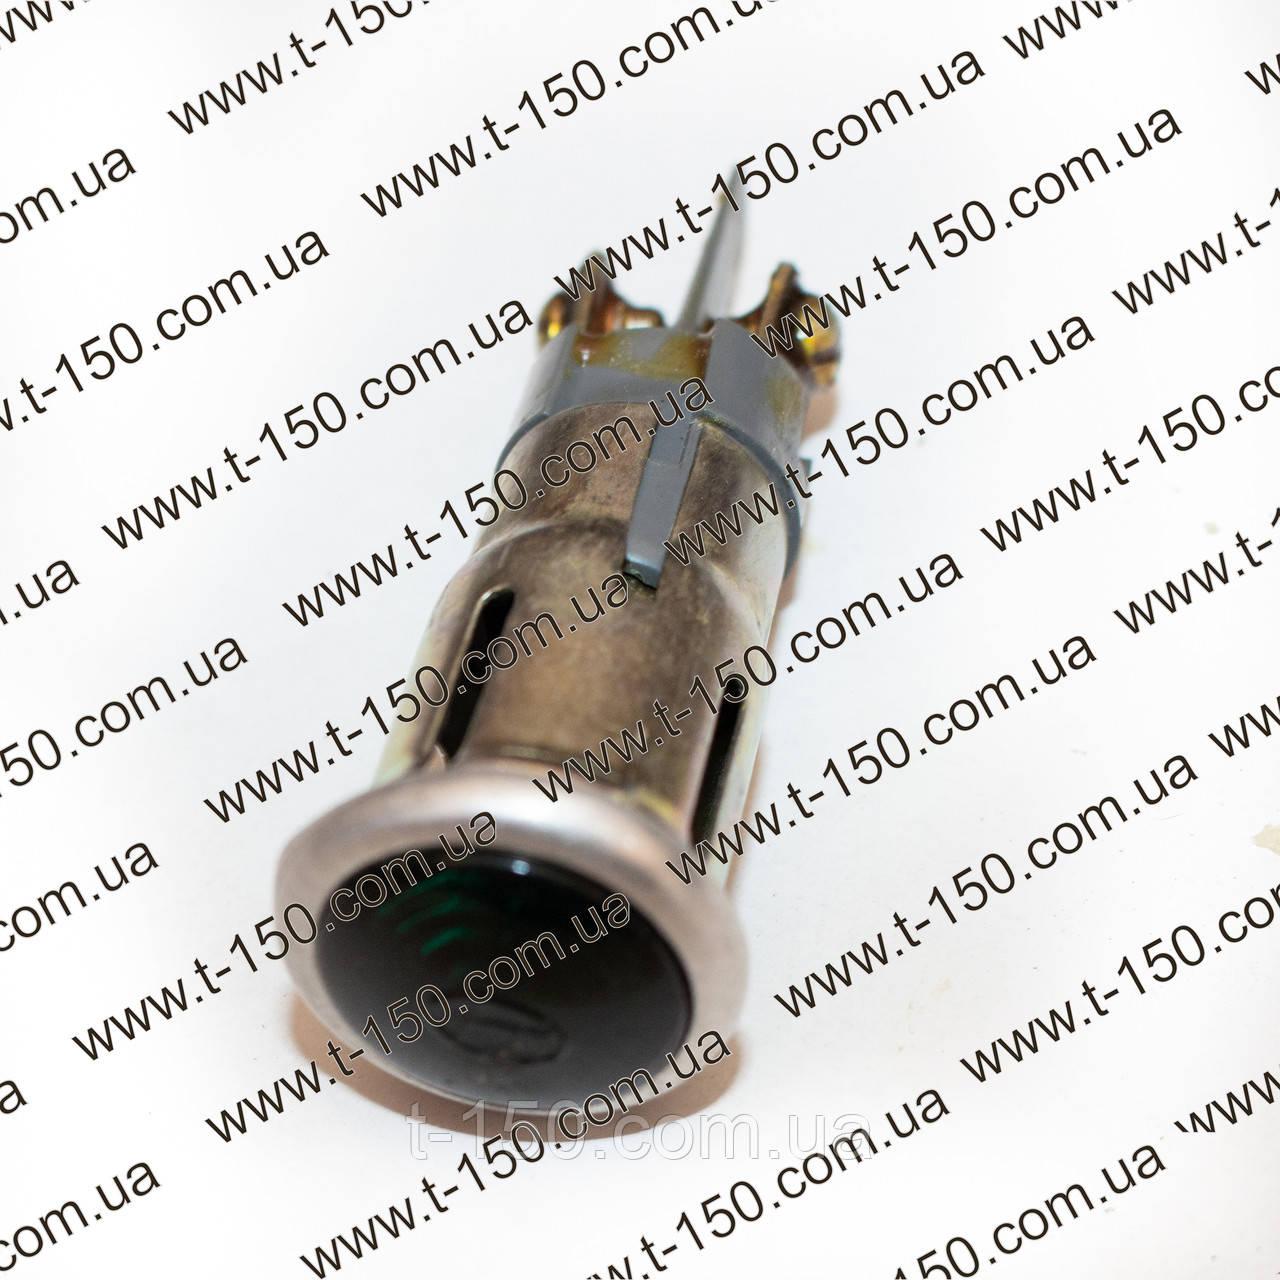 Фонарь контрольной лампы зелёный, ПД20-3803000Д